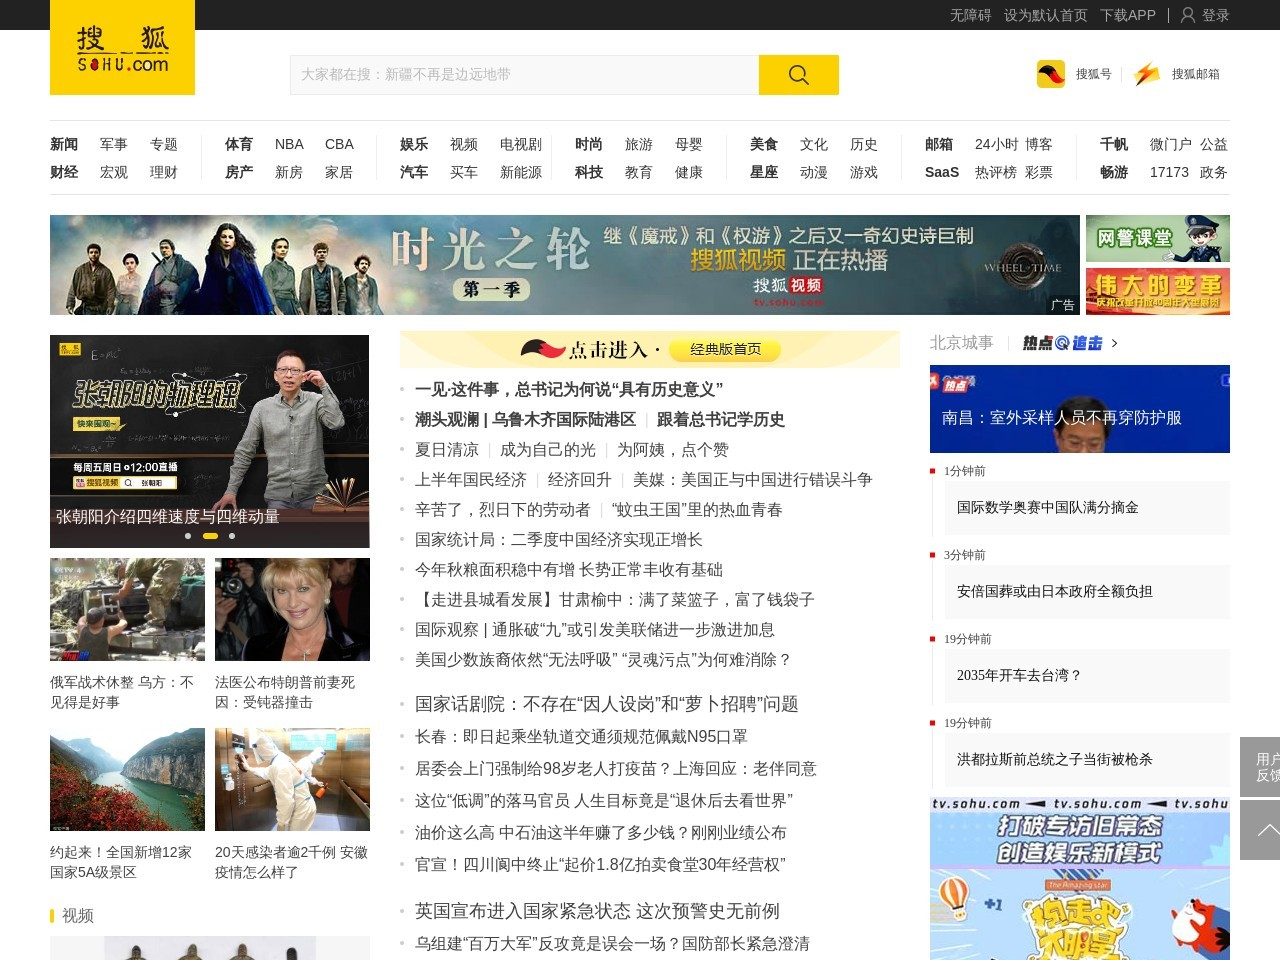 """六盘山自然保护区首次发现巨型""""娃娃鱼""""_泾源县"""